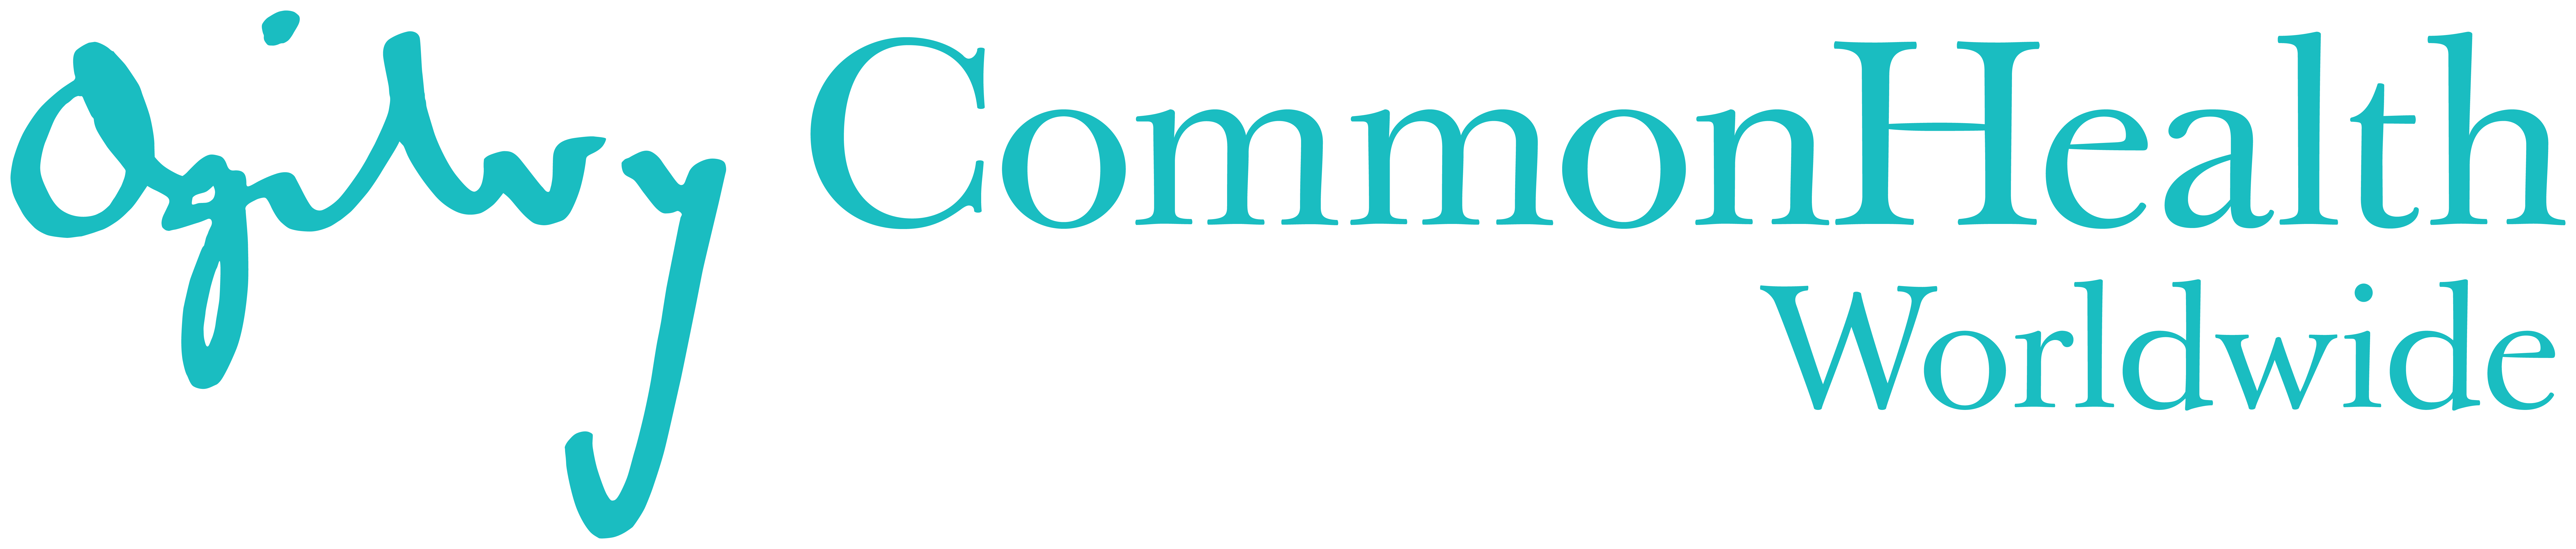 Ogilvy CommonHealth logo